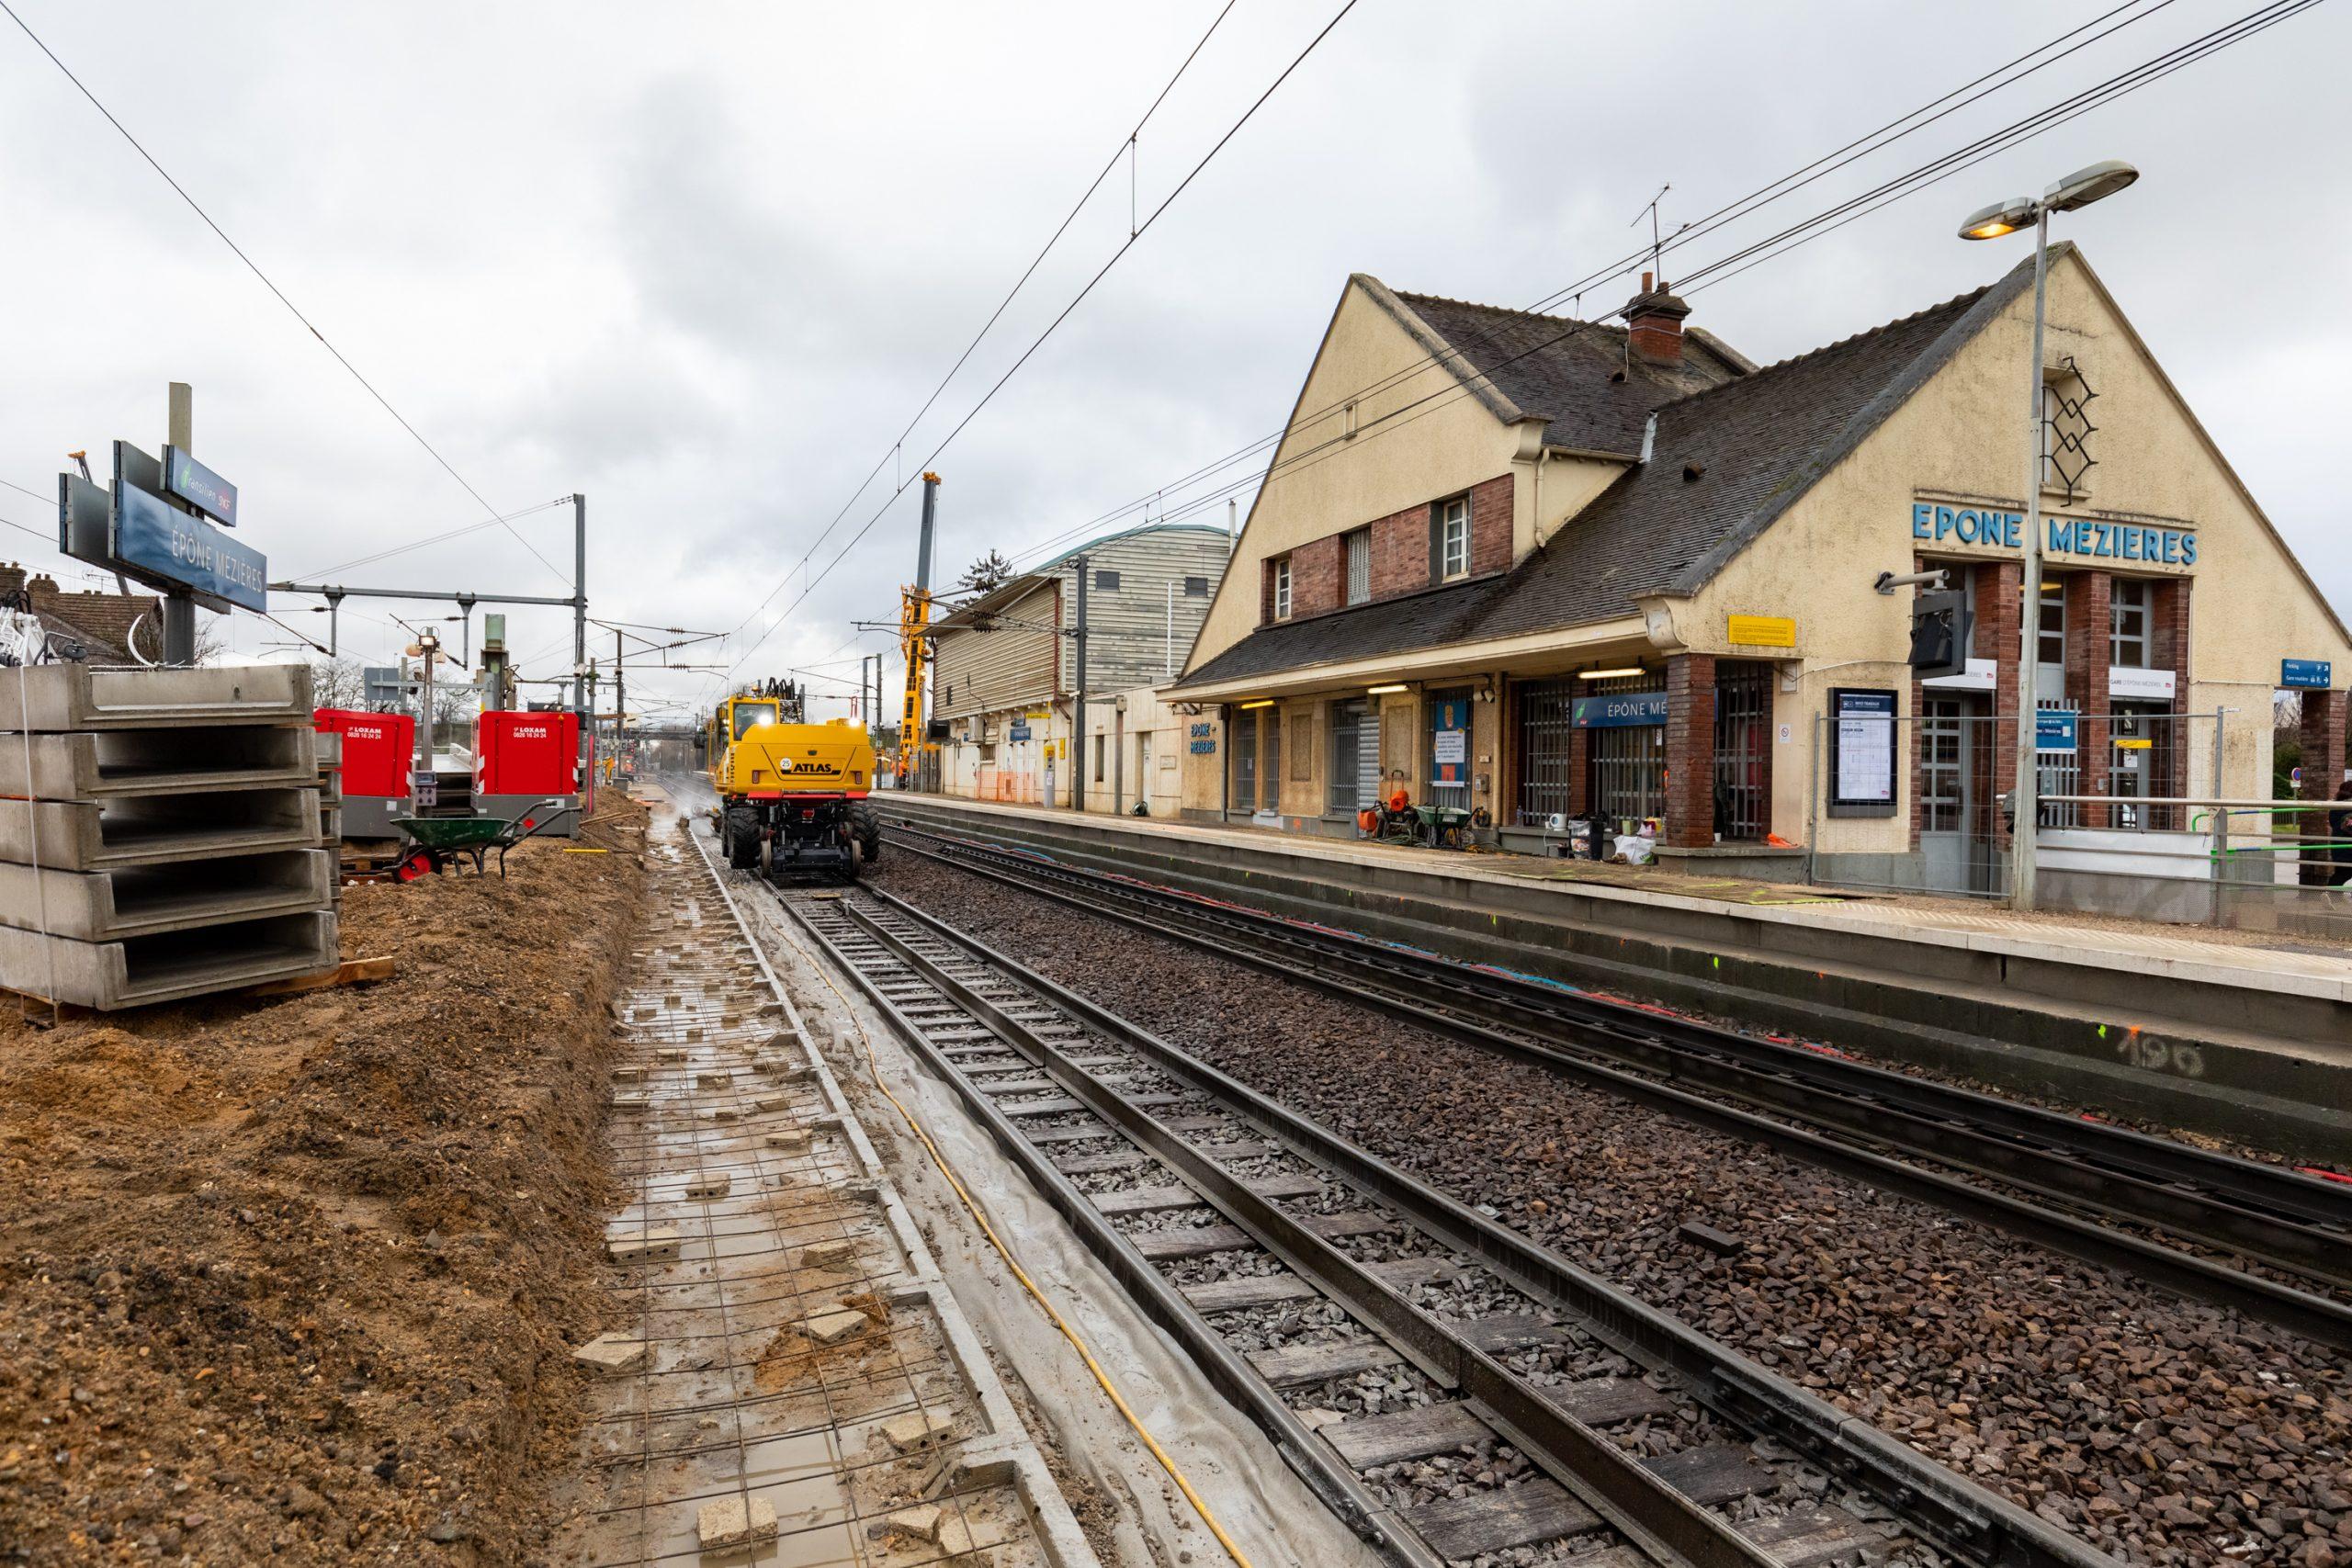 Gare d'Epône-Mézières